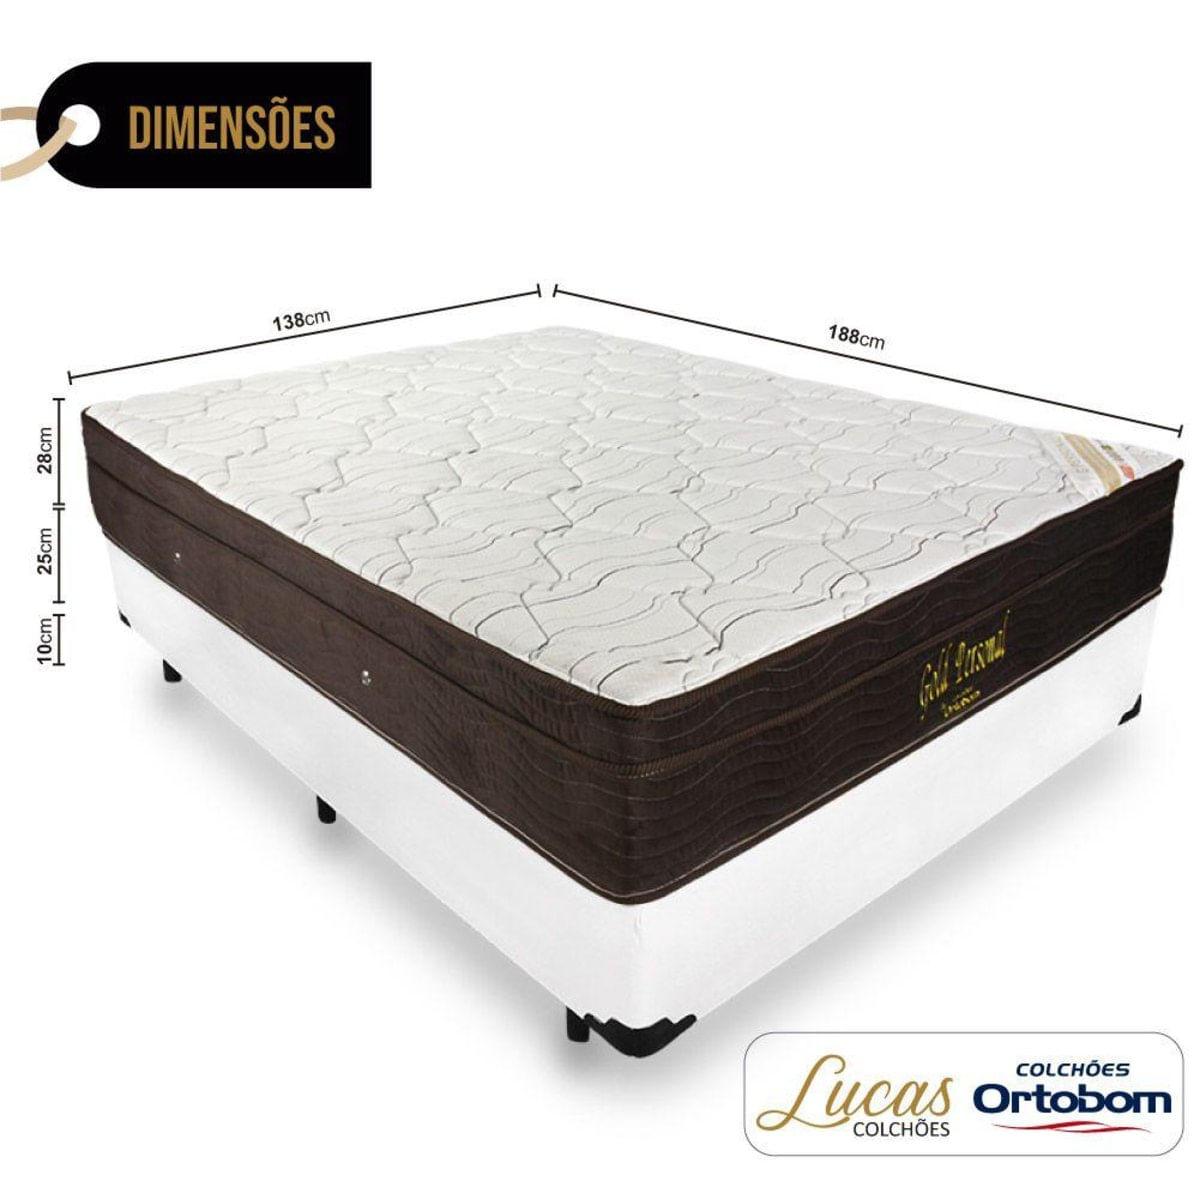 Cama Box Casal Colchao De Molas Ensacadas Ortobom Gold Personal 138cm Carrefour